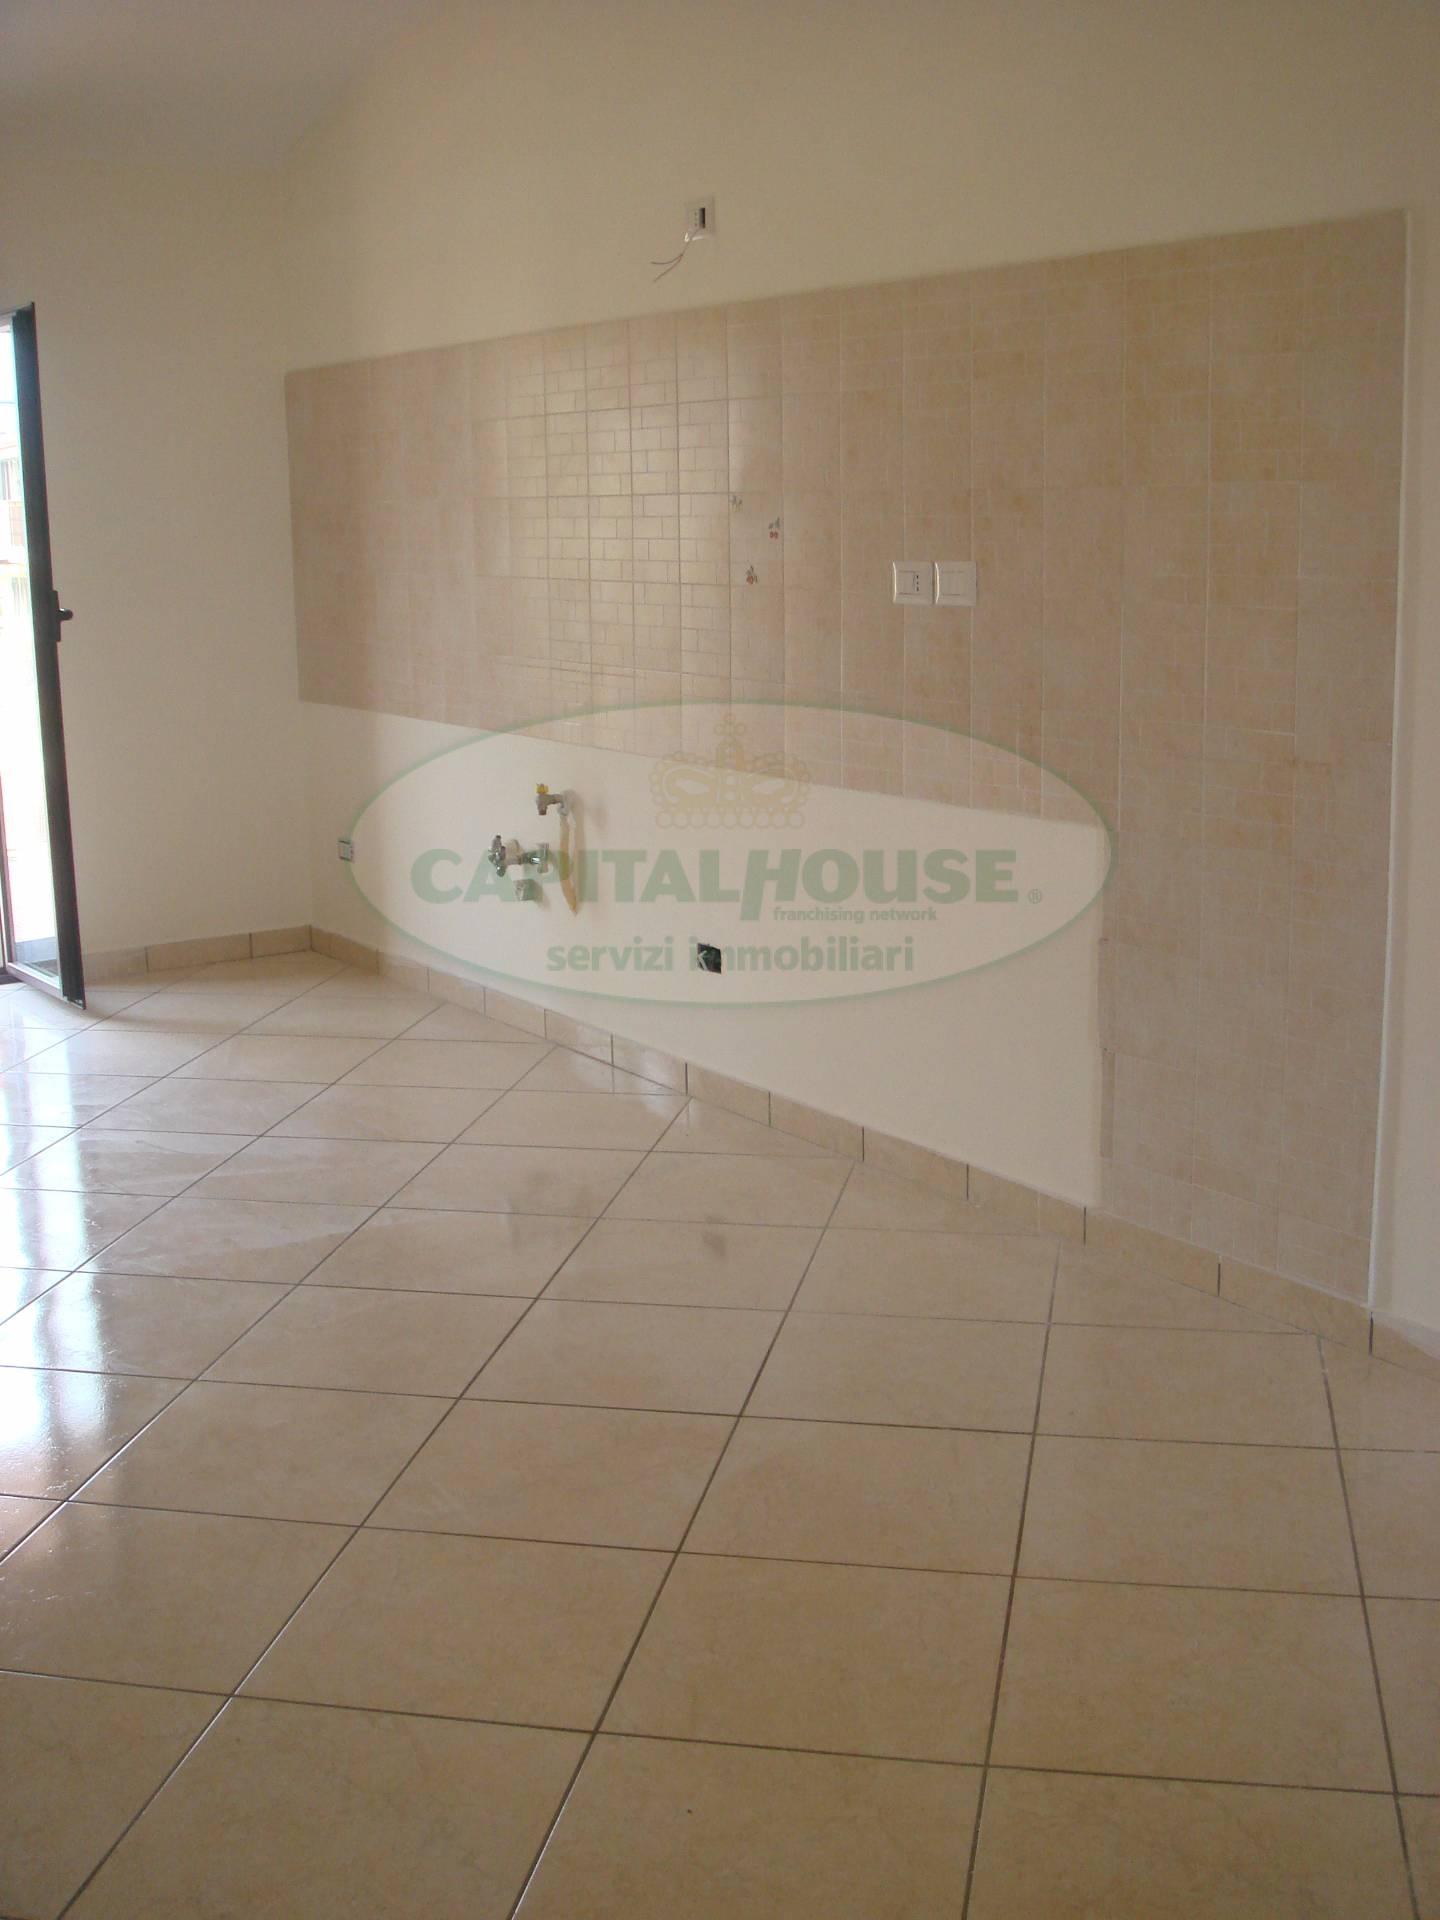 Attico / Mansarda in affitto a Santa Maria Capua Vetere, 3 locali, prezzo € 400 | Cambio Casa.it